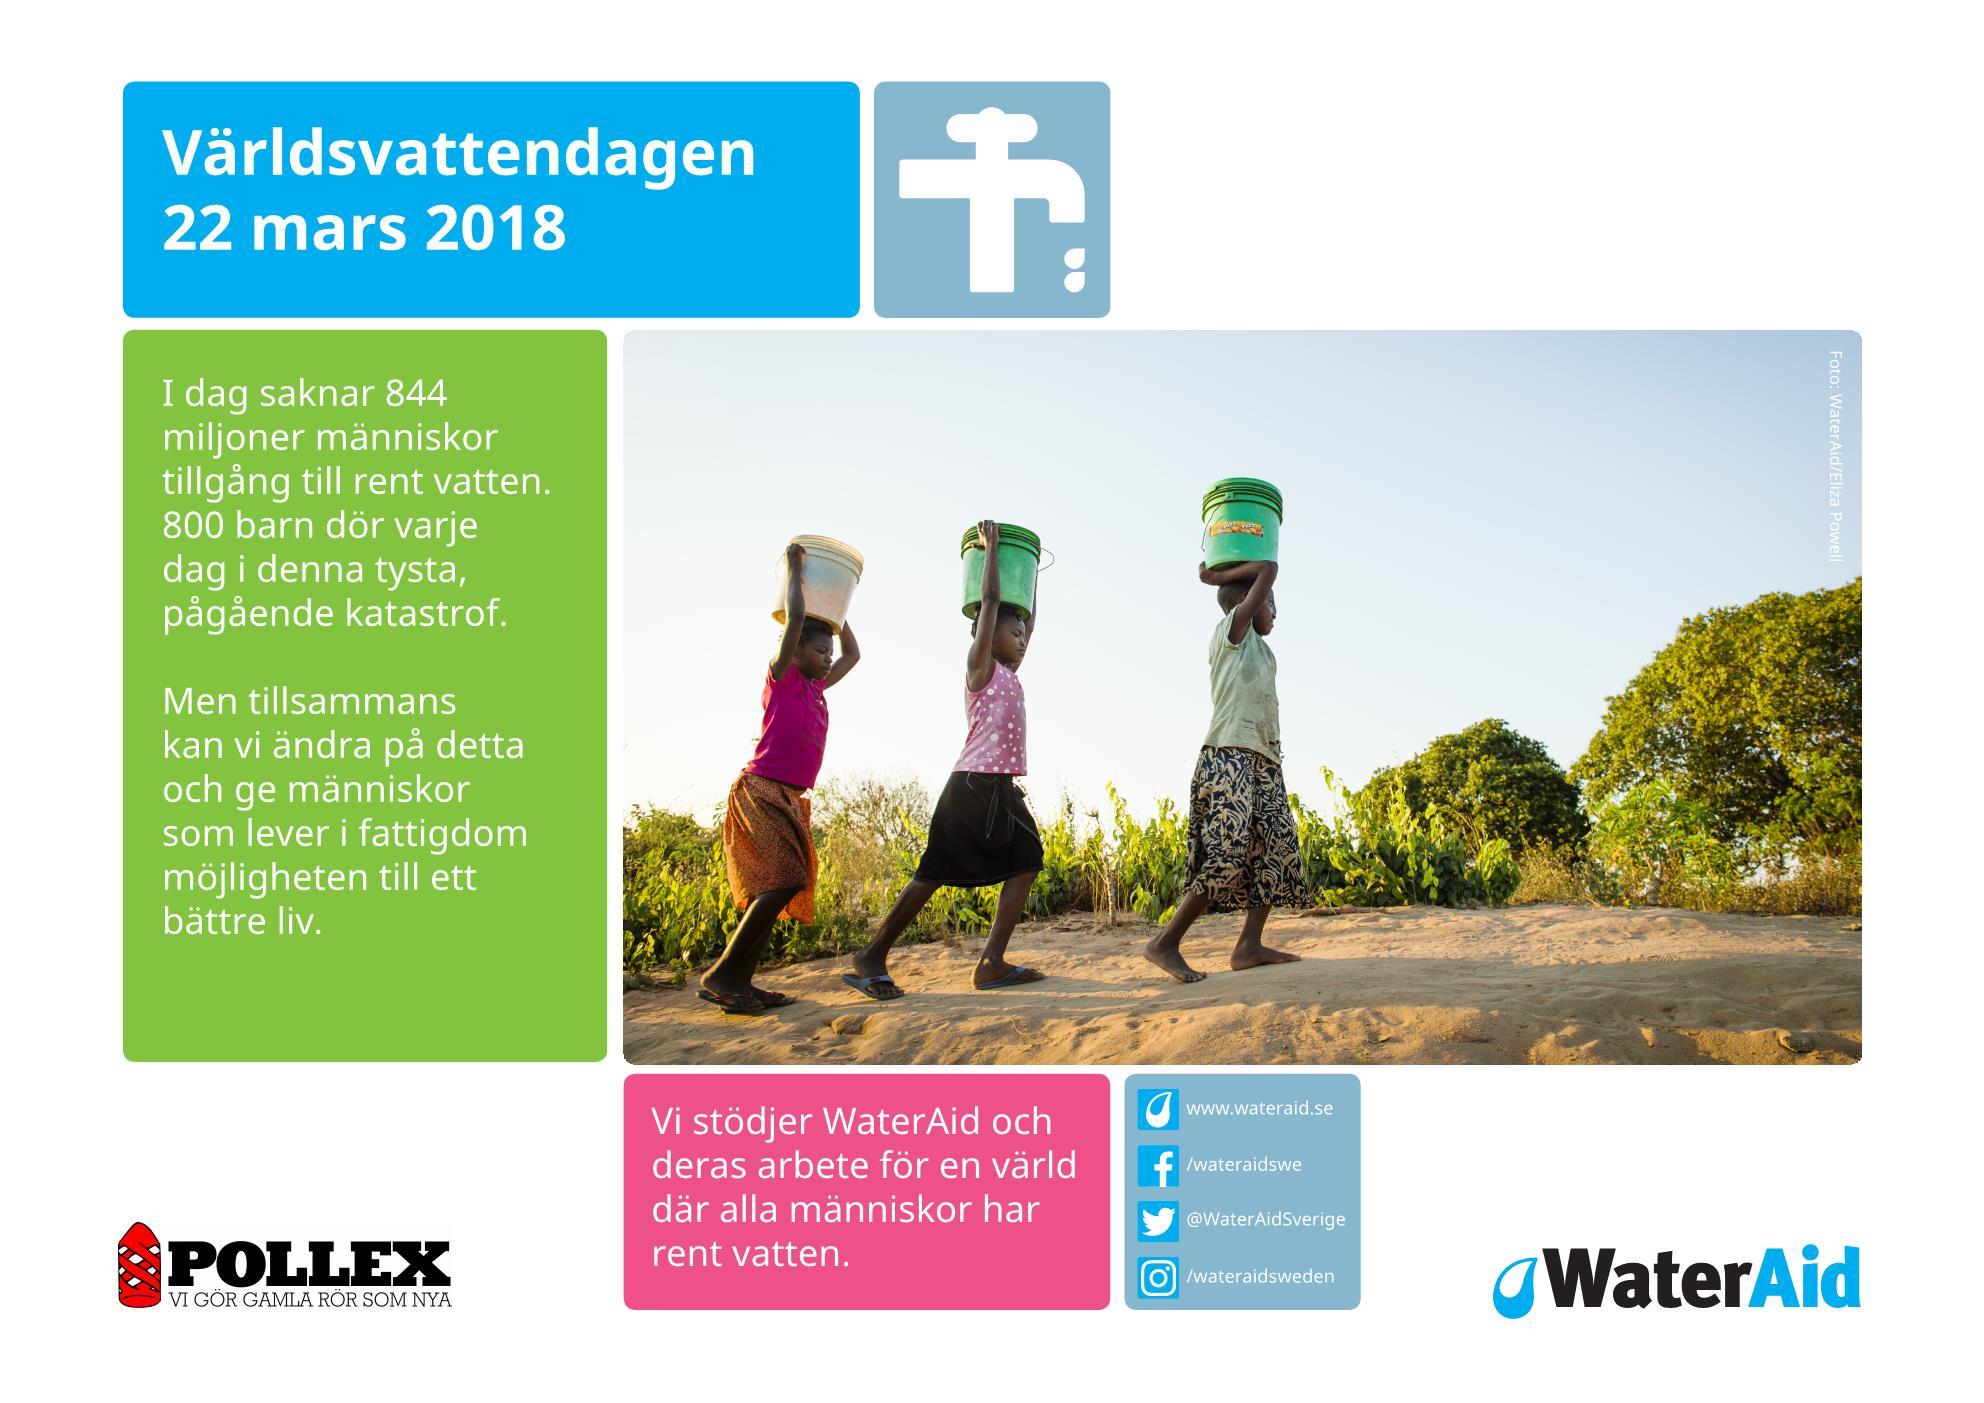 wateraid pollex världvattendagen world water day 2018.jpg